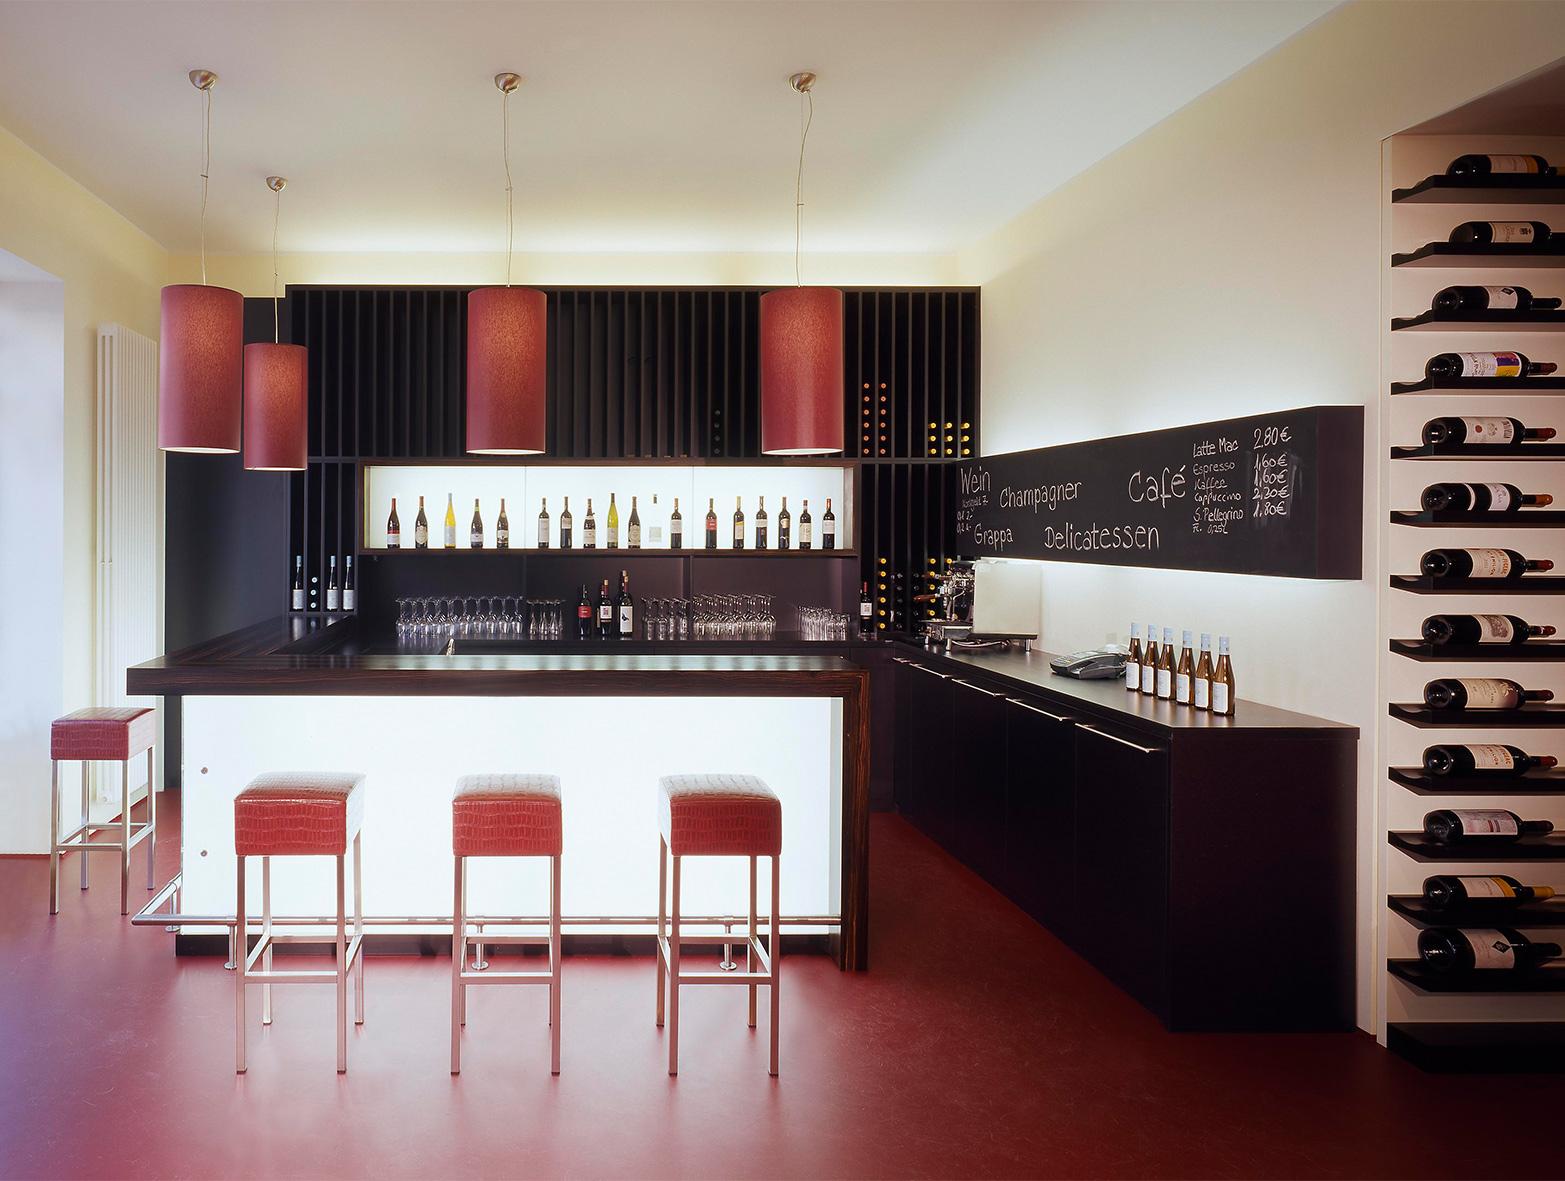 Weinladen02